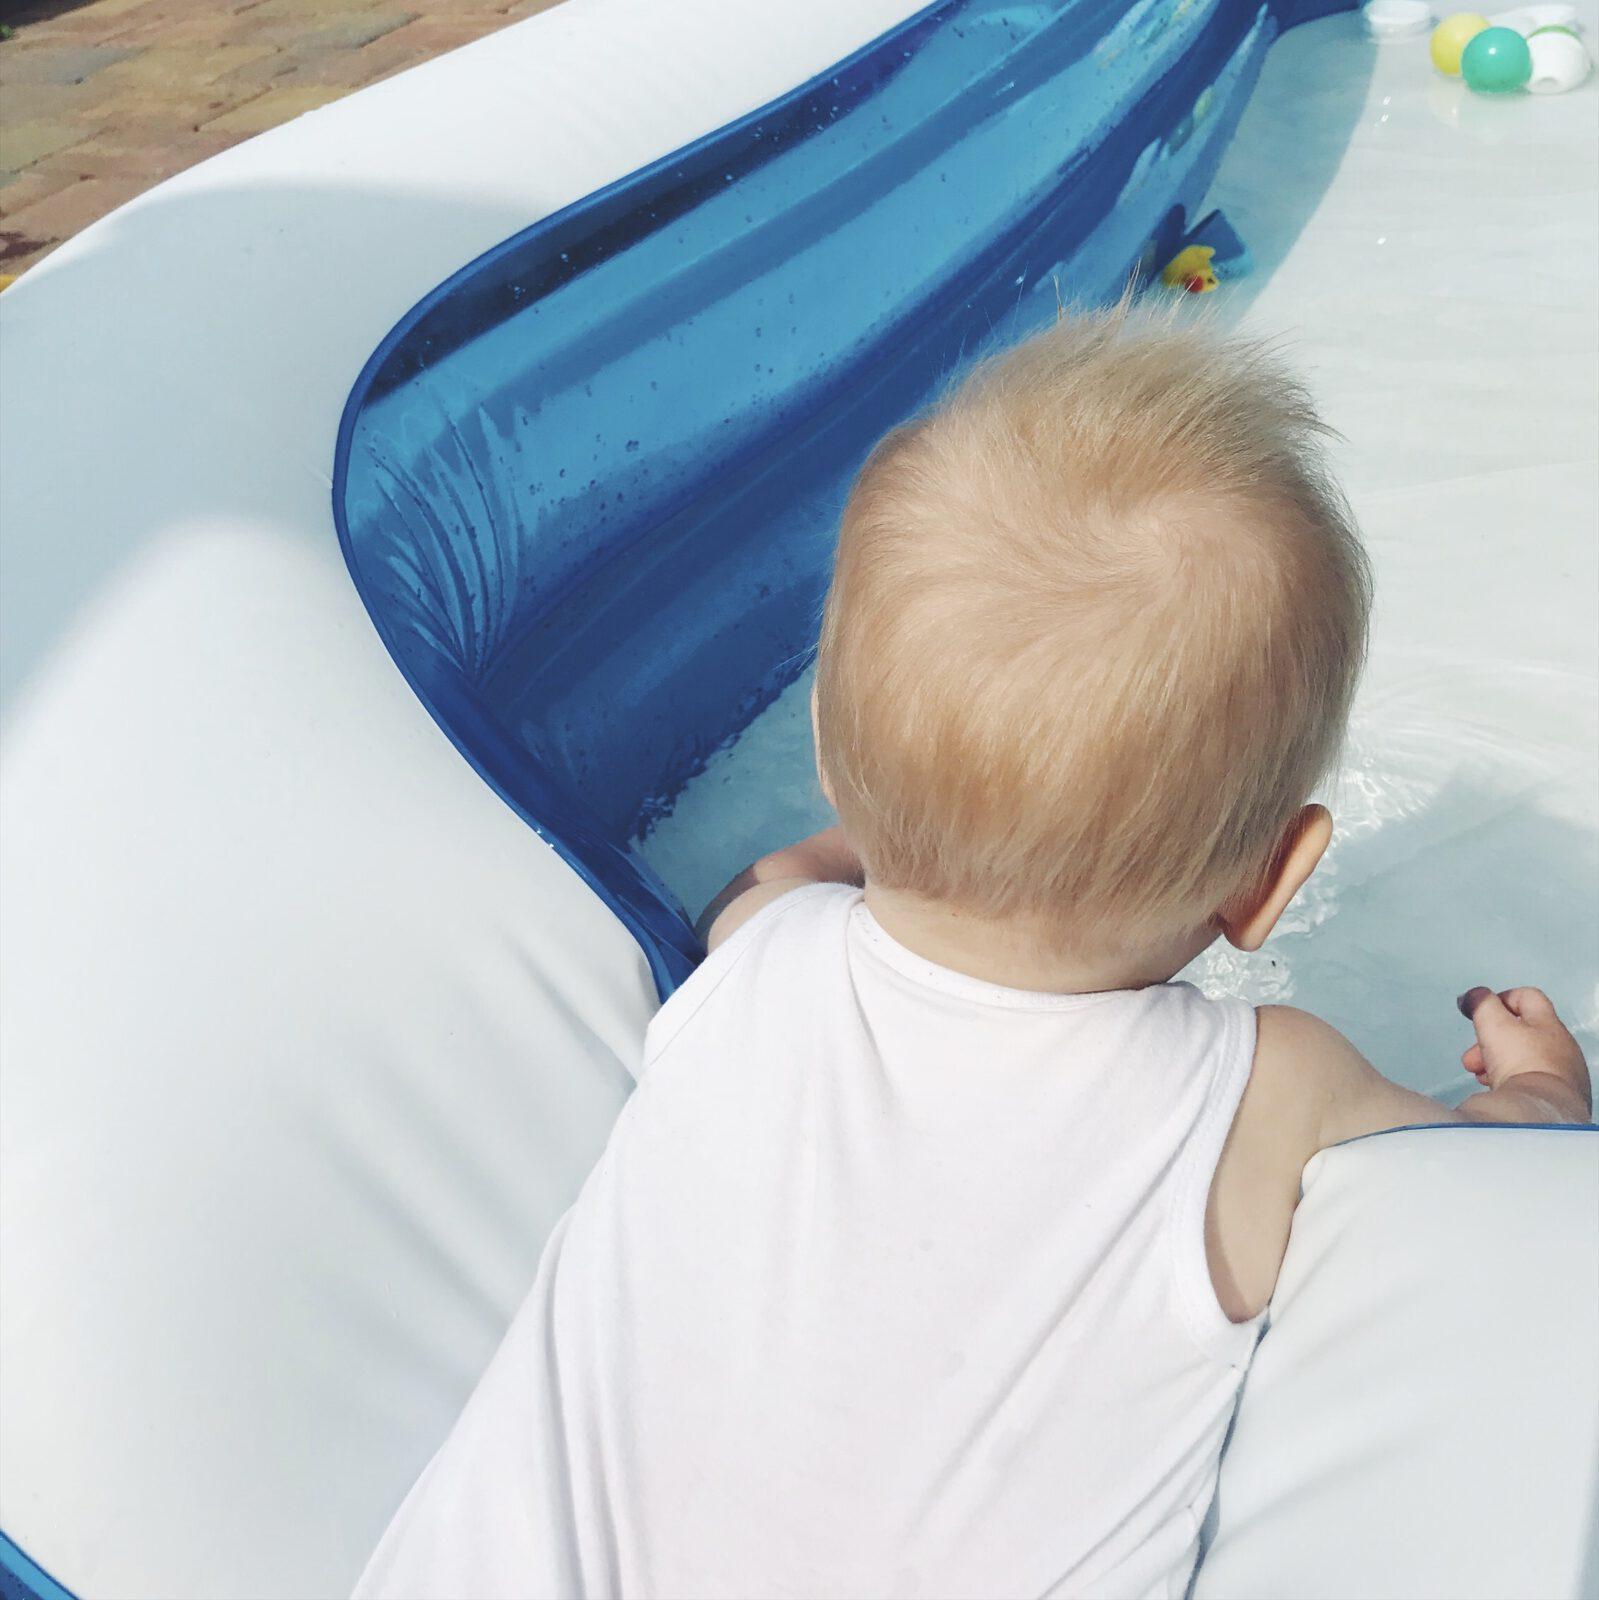 zwemmen mamazetkoers bang voor water